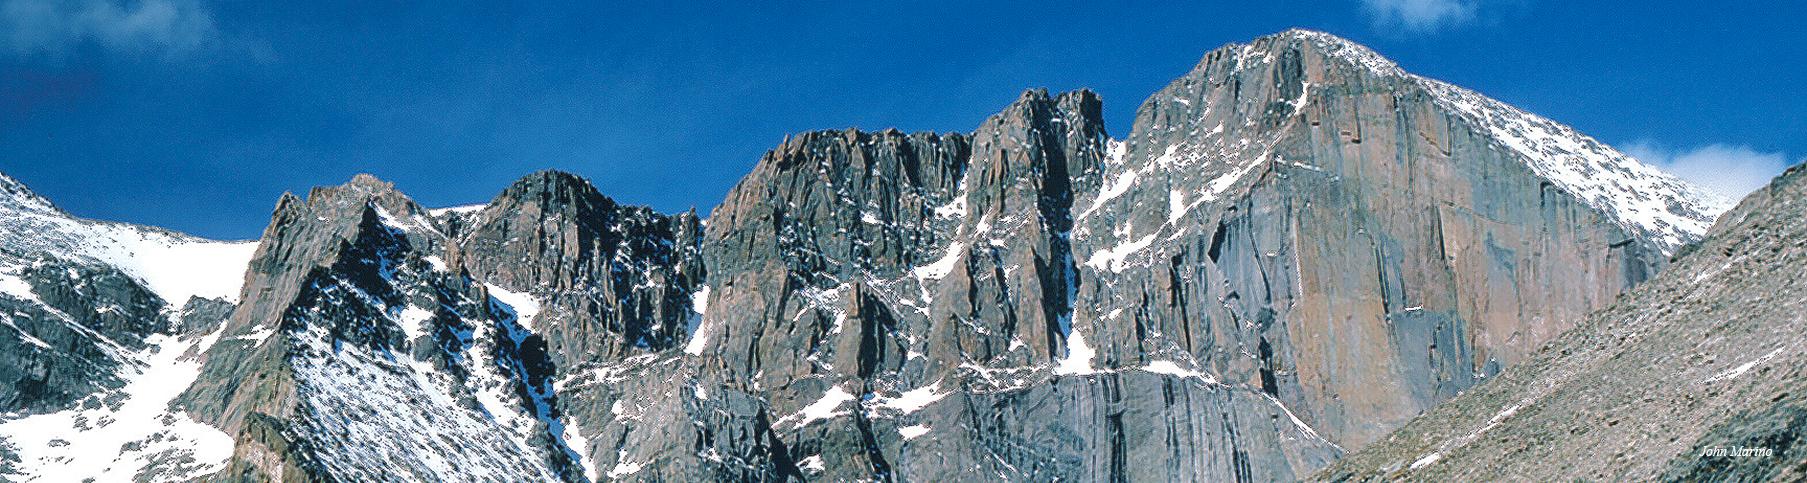 Longs Peak JMarino